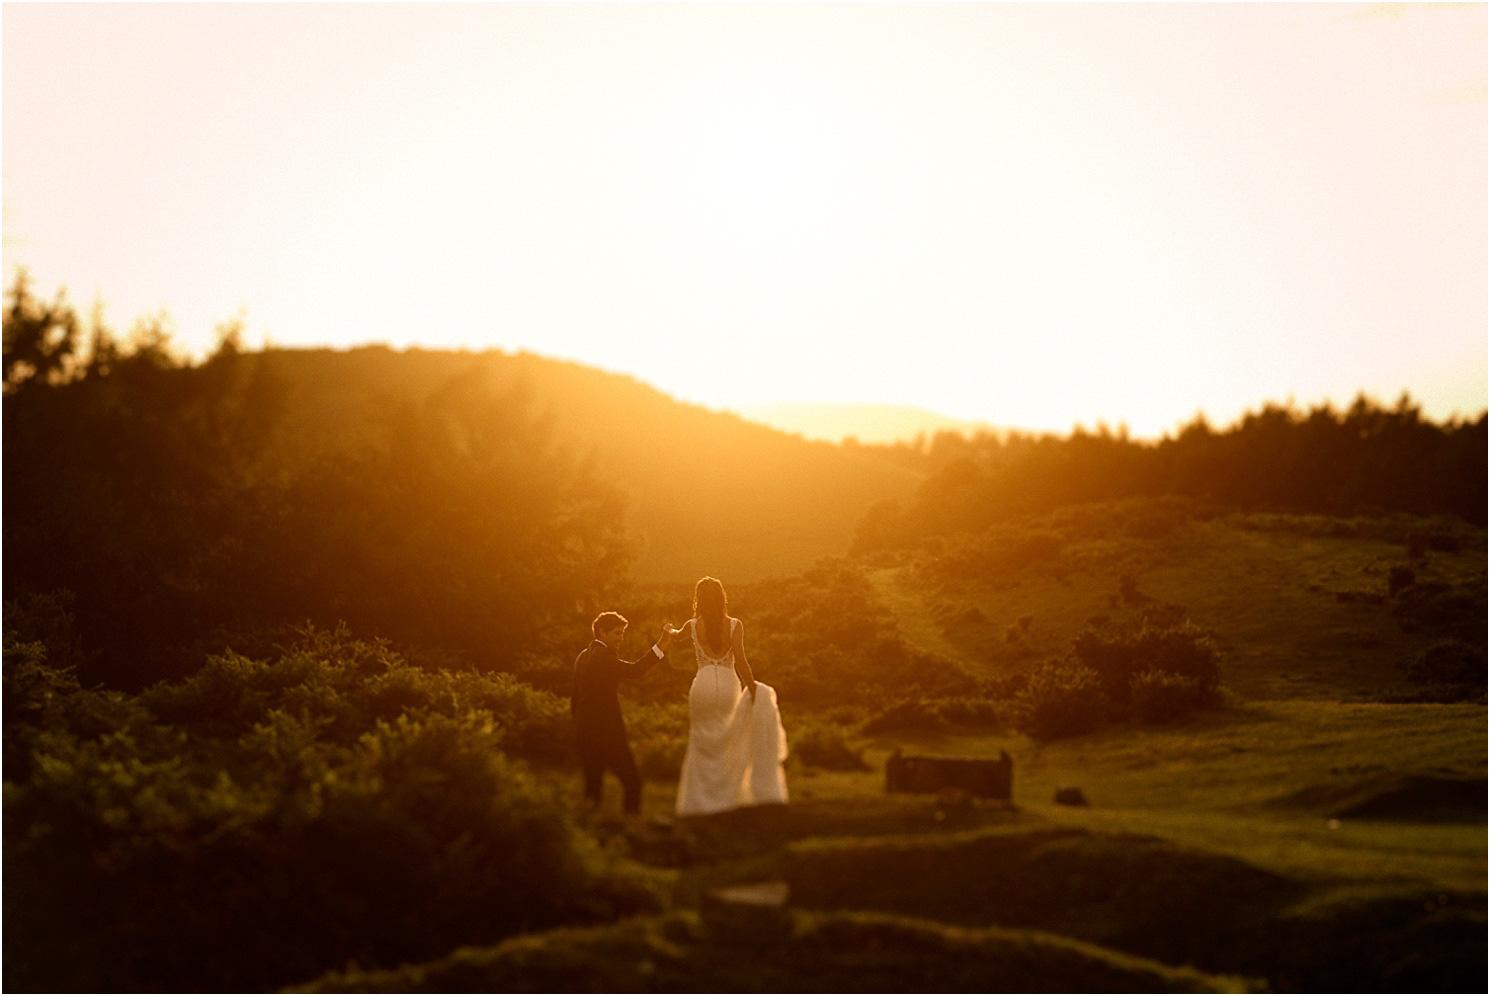 Destination wedding photographer San Sebastian - Destination wedding Donostia San Sebastián - Fotógrafo de bodas internacional-22